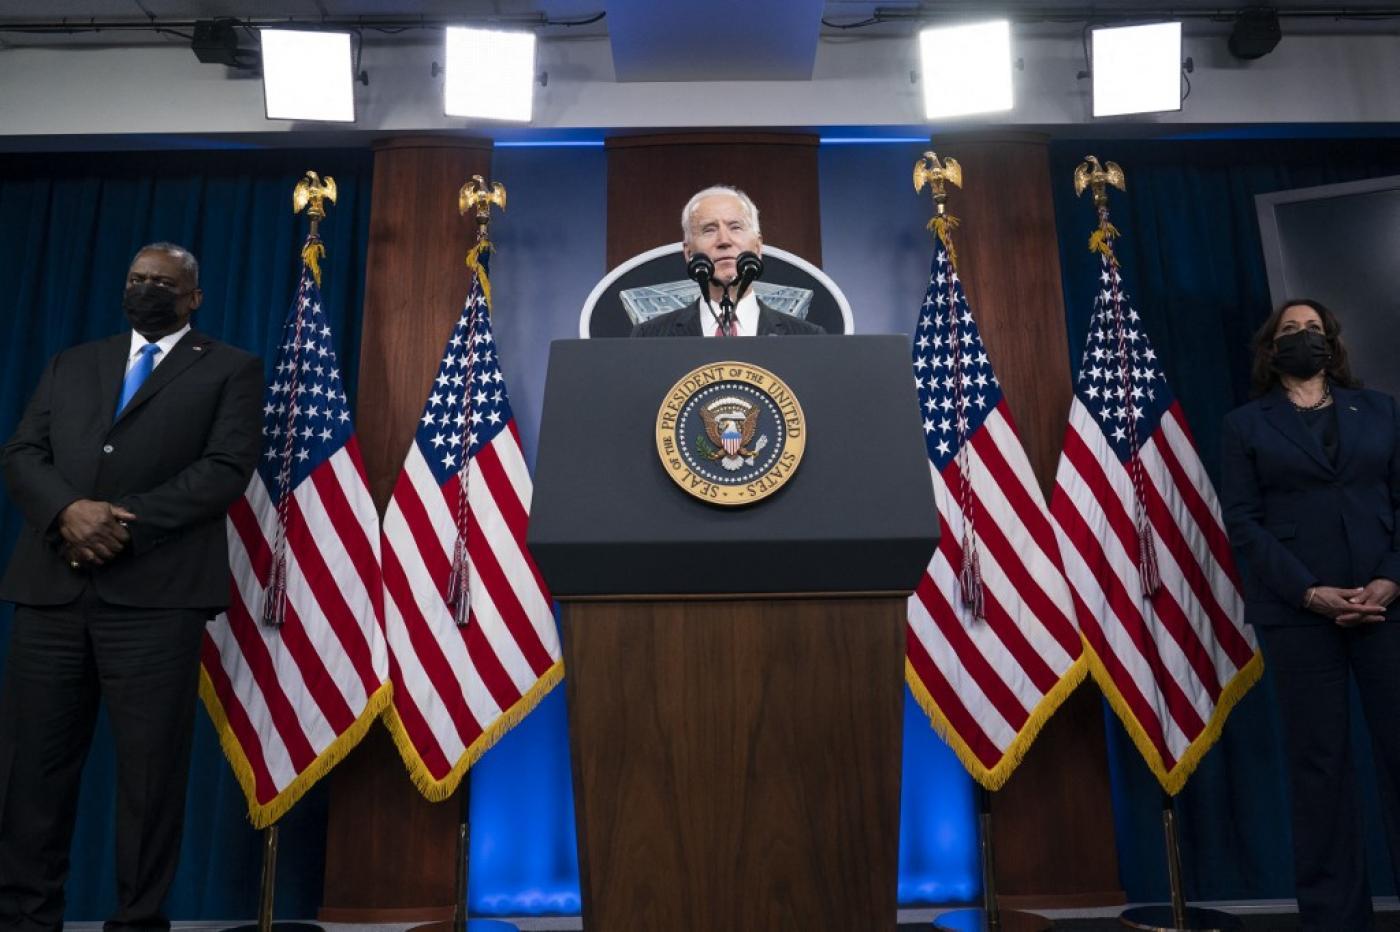 Американская политика сдерживания Китая, России и Ирана больше не является жизнеспособной